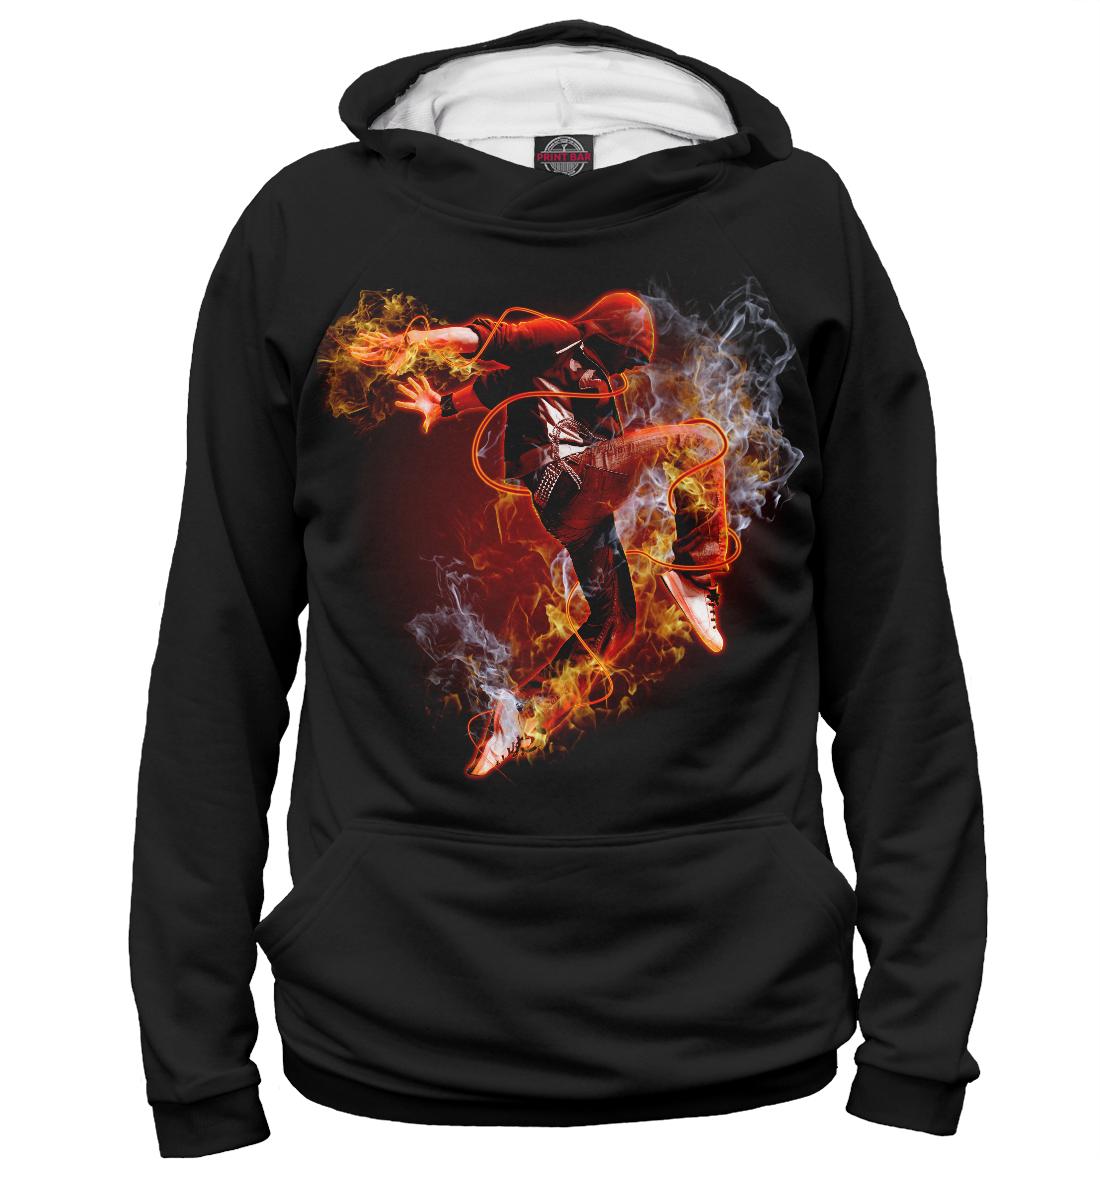 Огненный танец, Printbar, Худи, DNC-271917-hud-1  - купить со скидкой